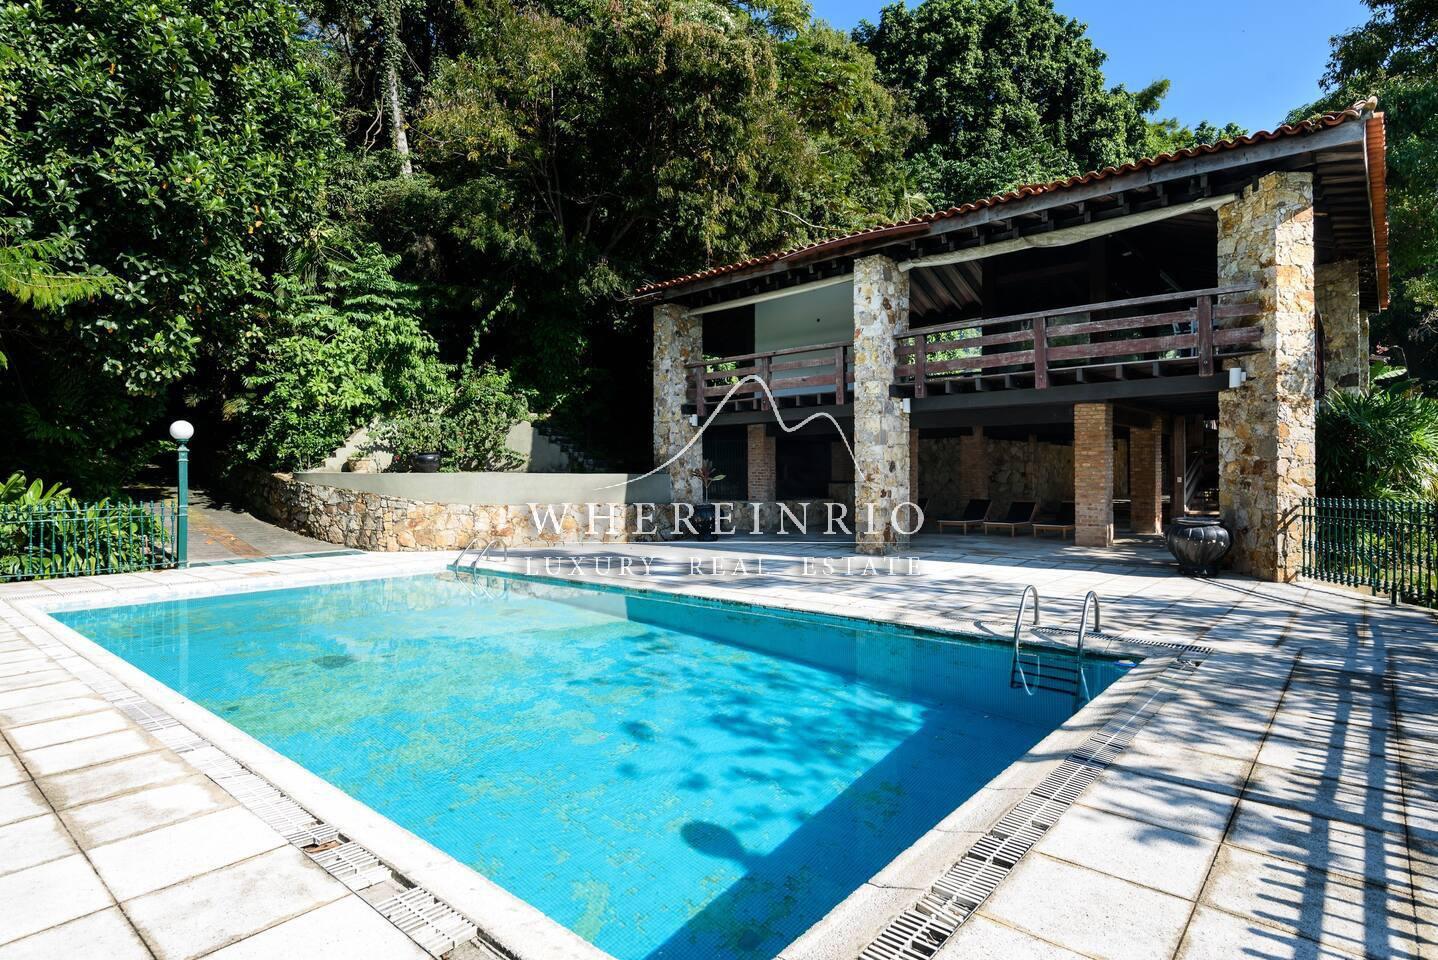 Location saisonnière Maison - Rio de Janeiro Cosme Velho - Brésil